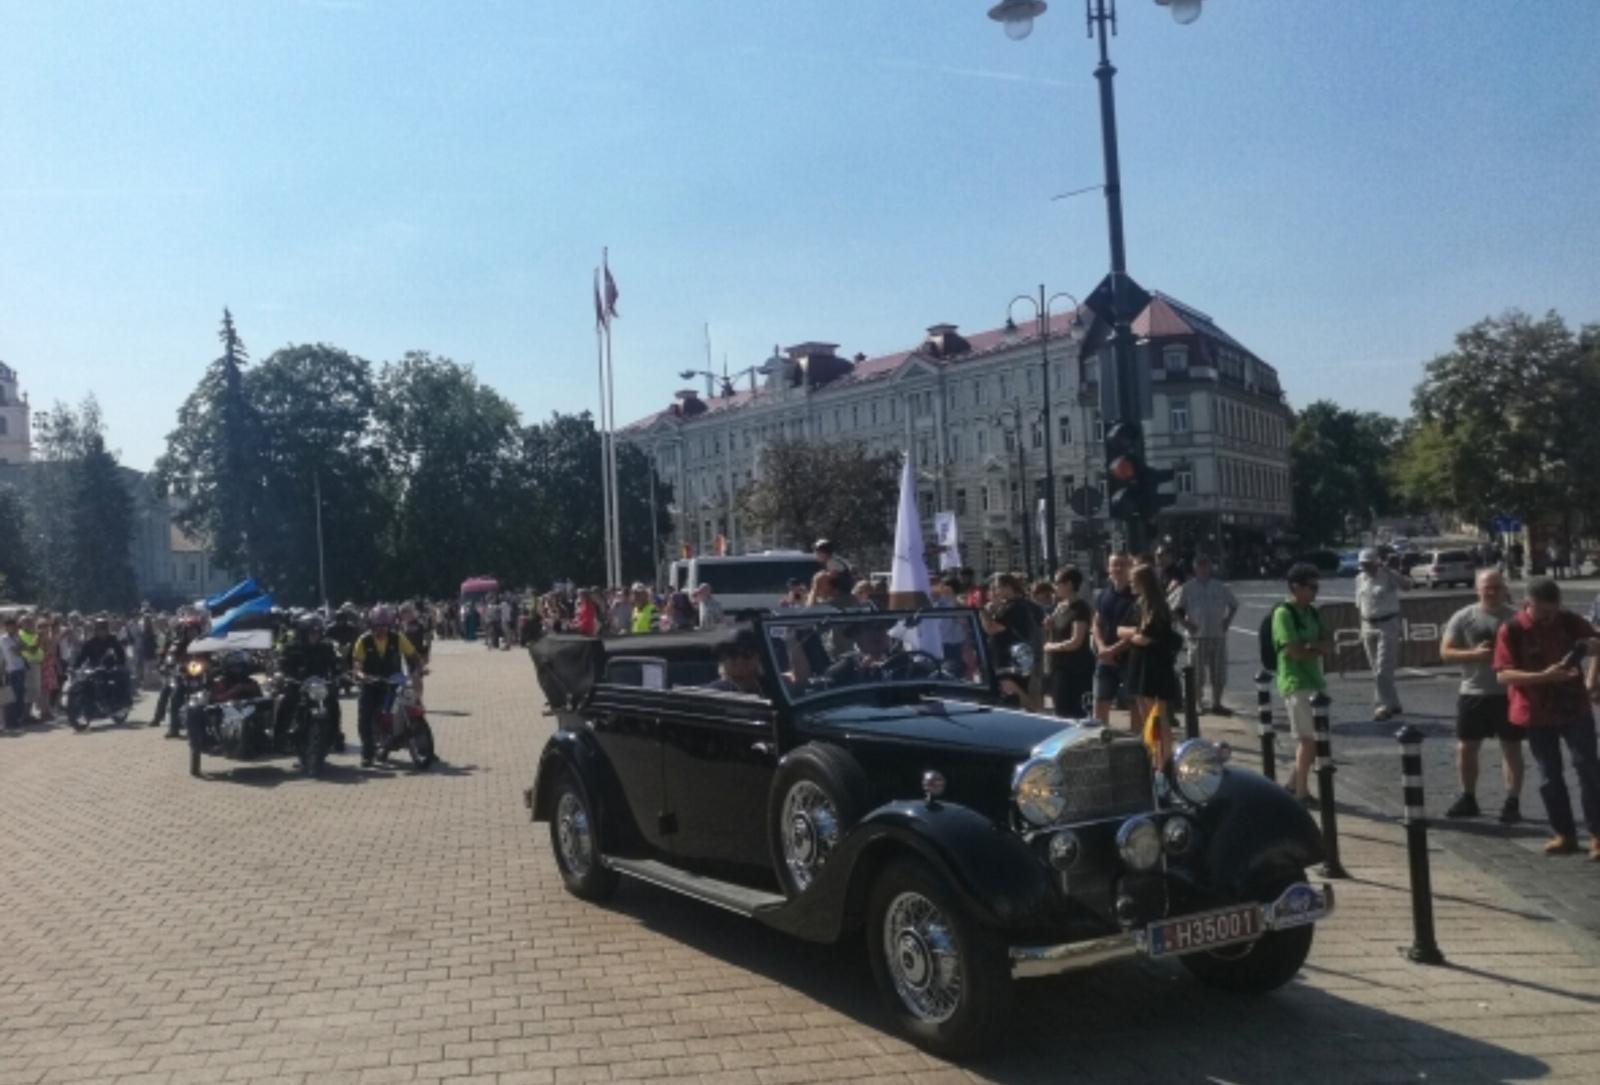 Vilniuje prasidėjo senovinių automobilių žygis Baltijos keliui paminėti